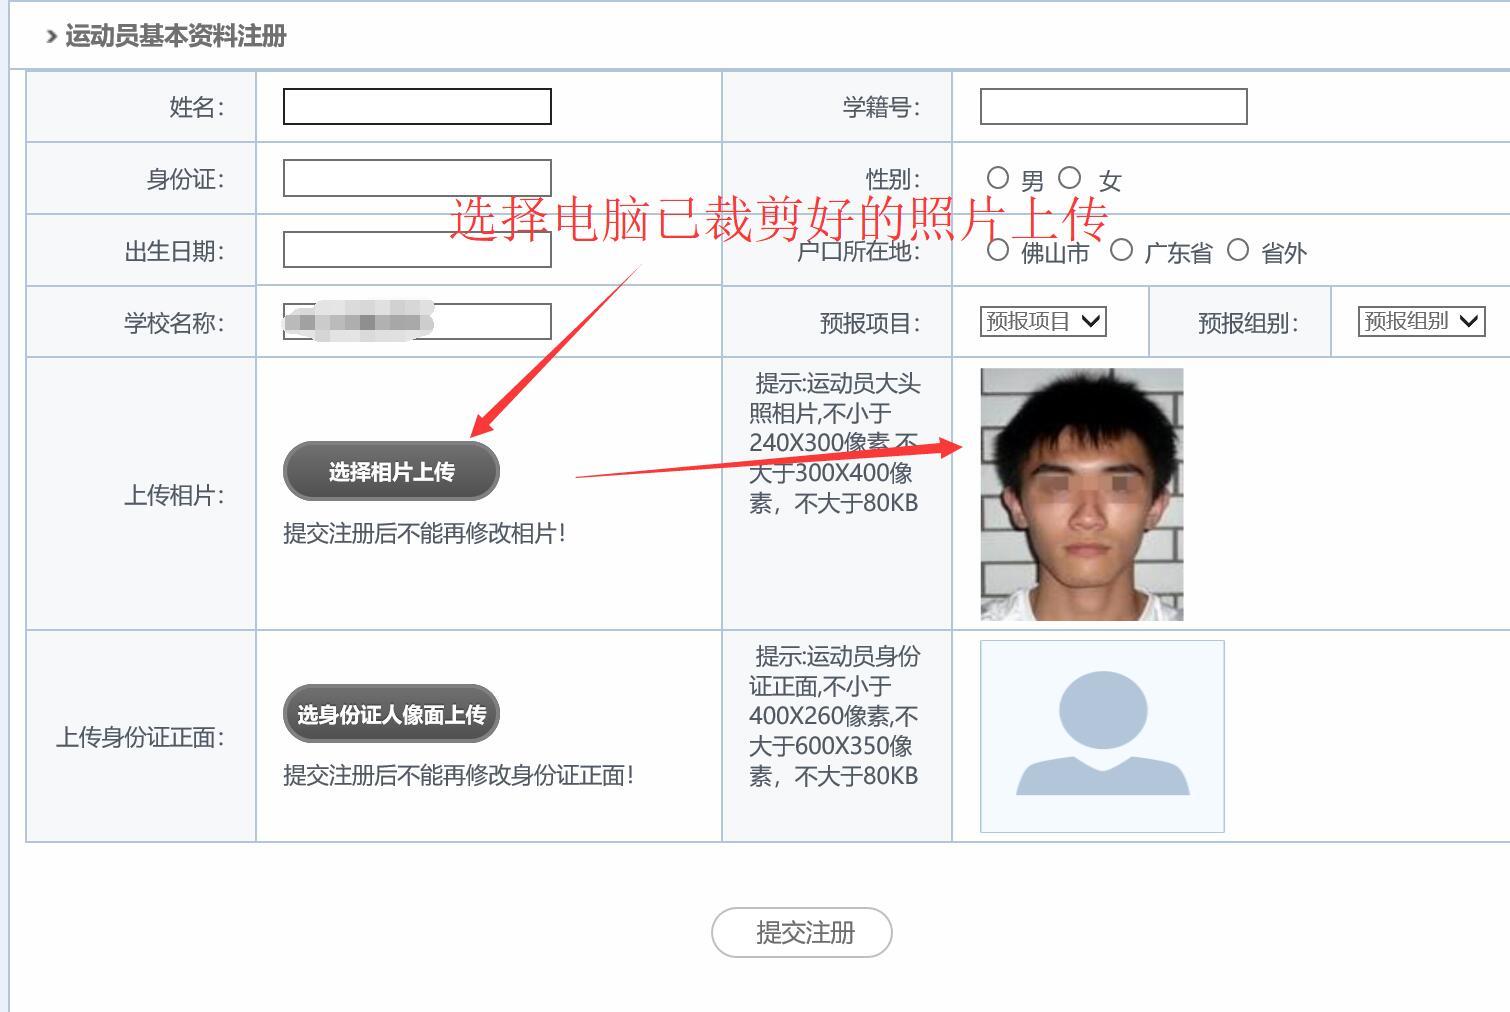 如何放大好友qq头像_注册运动员如何处理上传运动员的照片和身份证照片?-佛山学校 ...